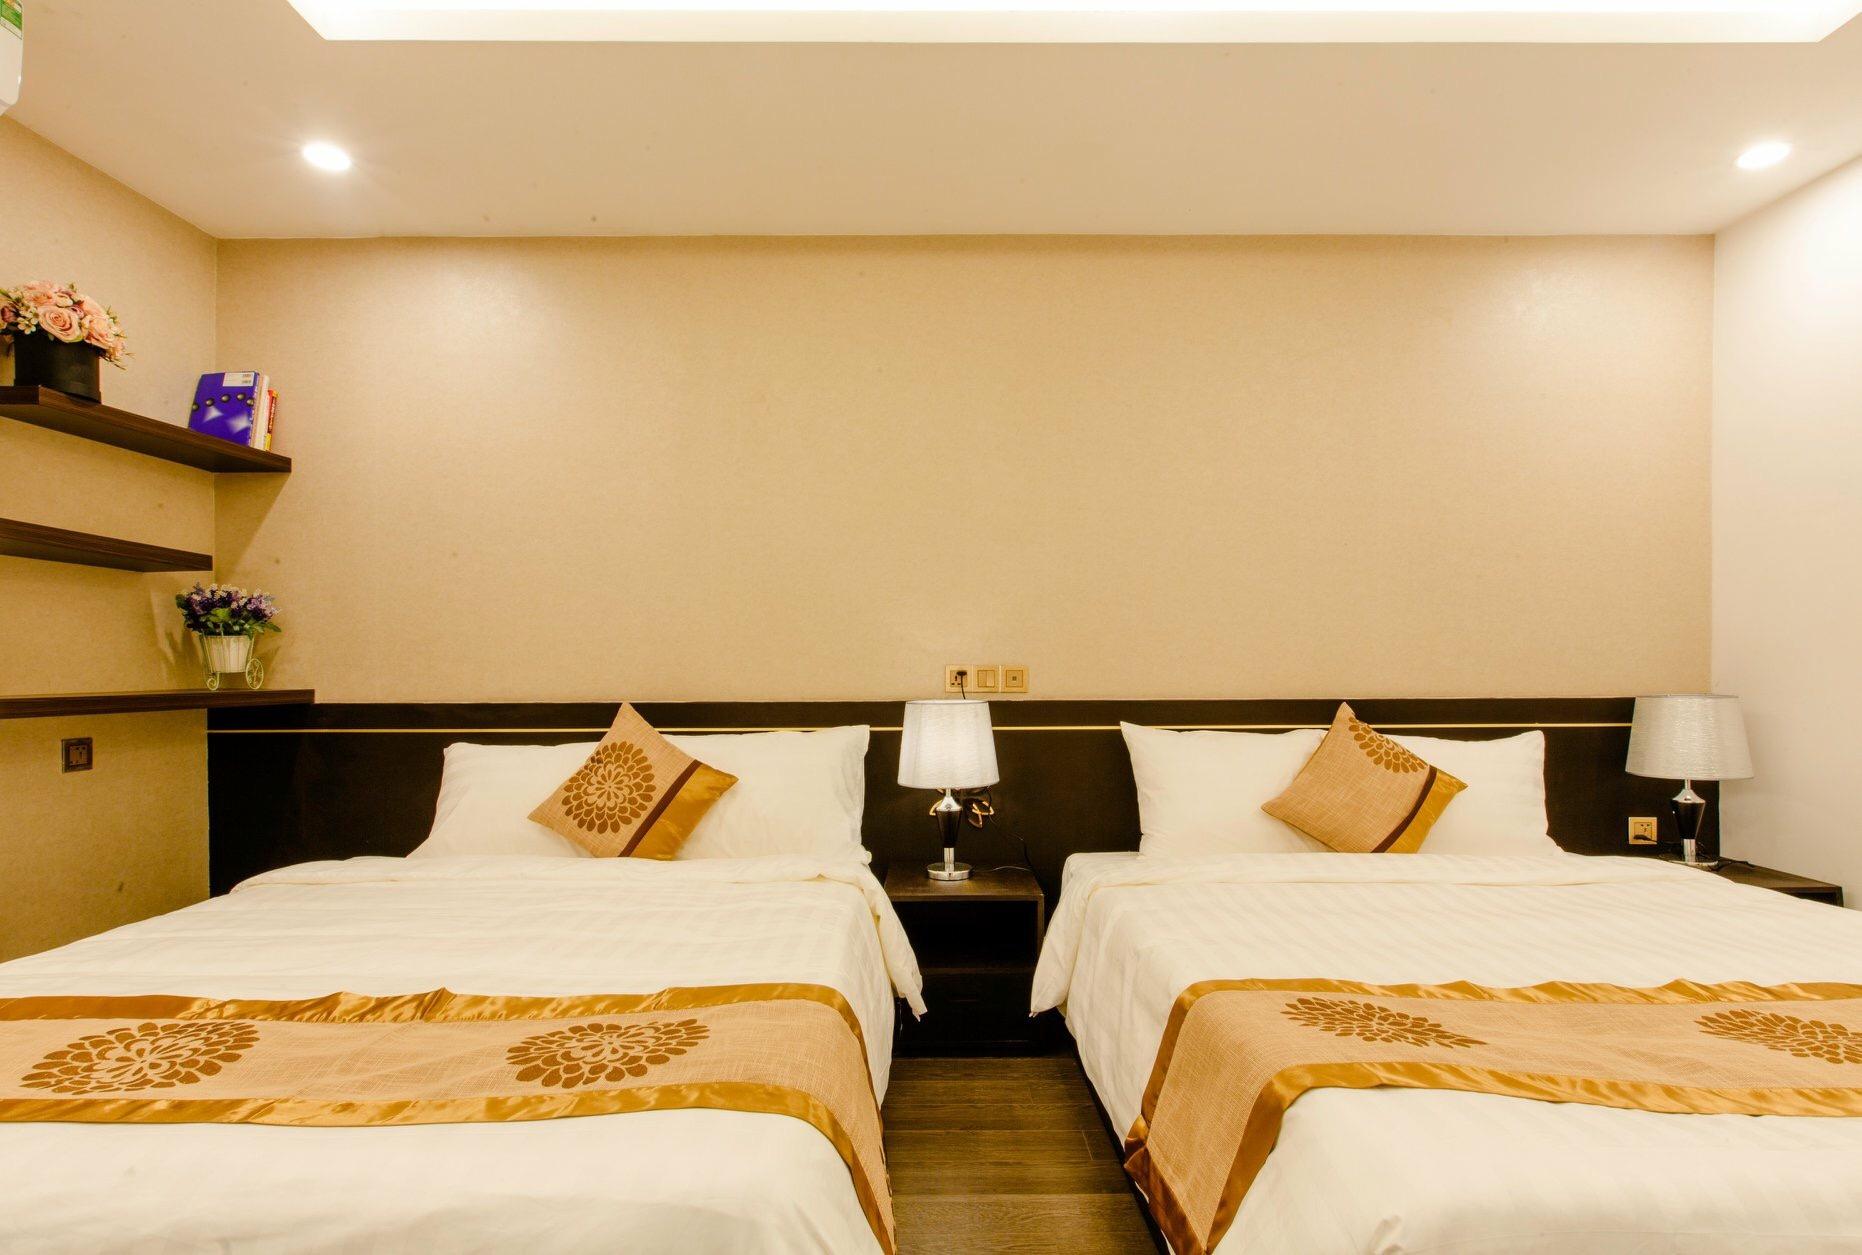 Công dụng của thảm chân ở nhà vệ sinh khách sạn là gì?